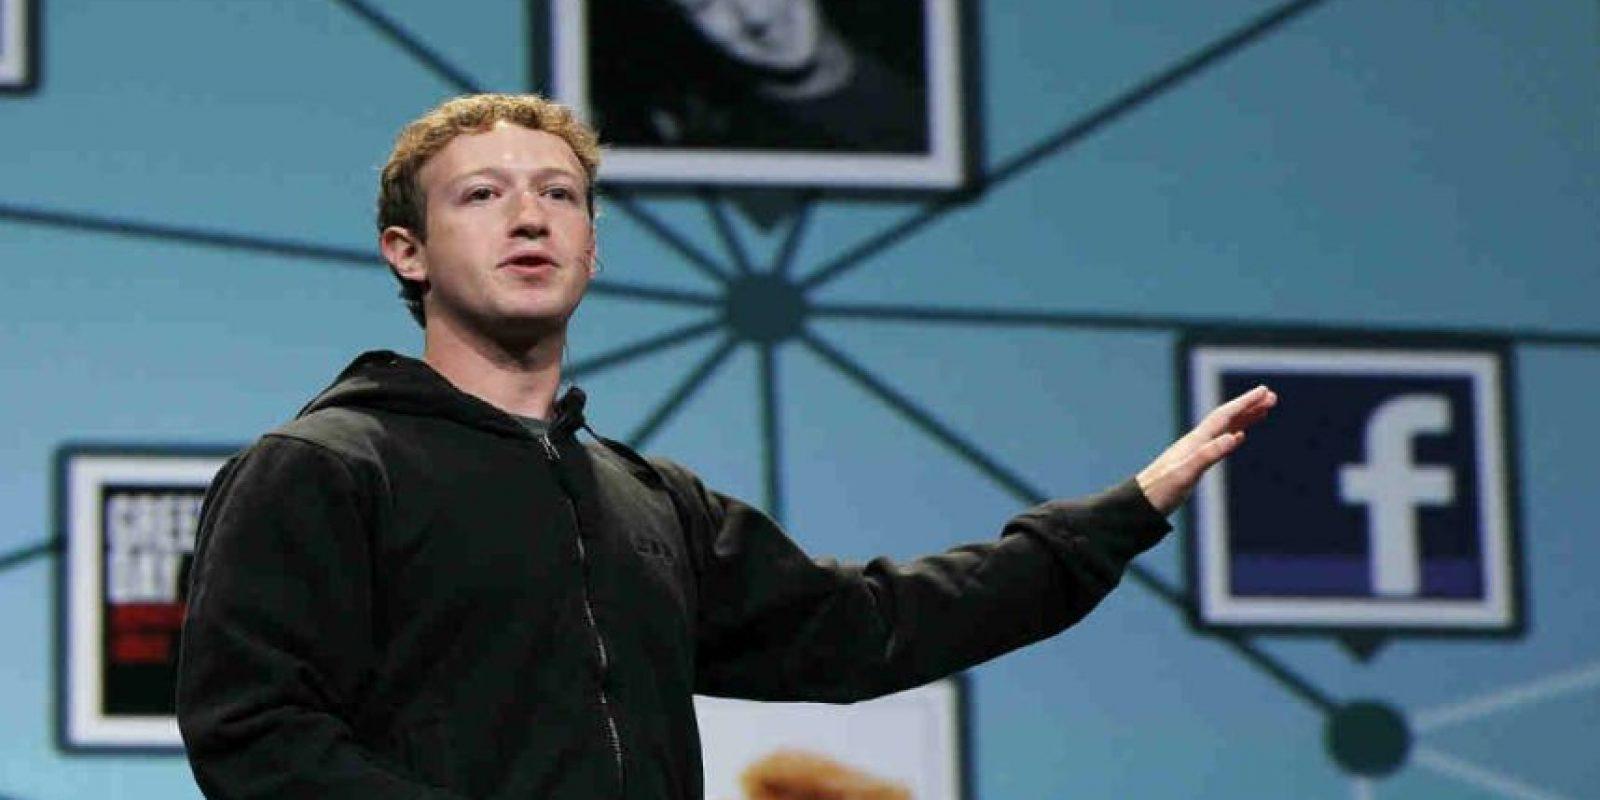 Es el multimillonario más joven, según la revista Forbes. Foto:Getty Images